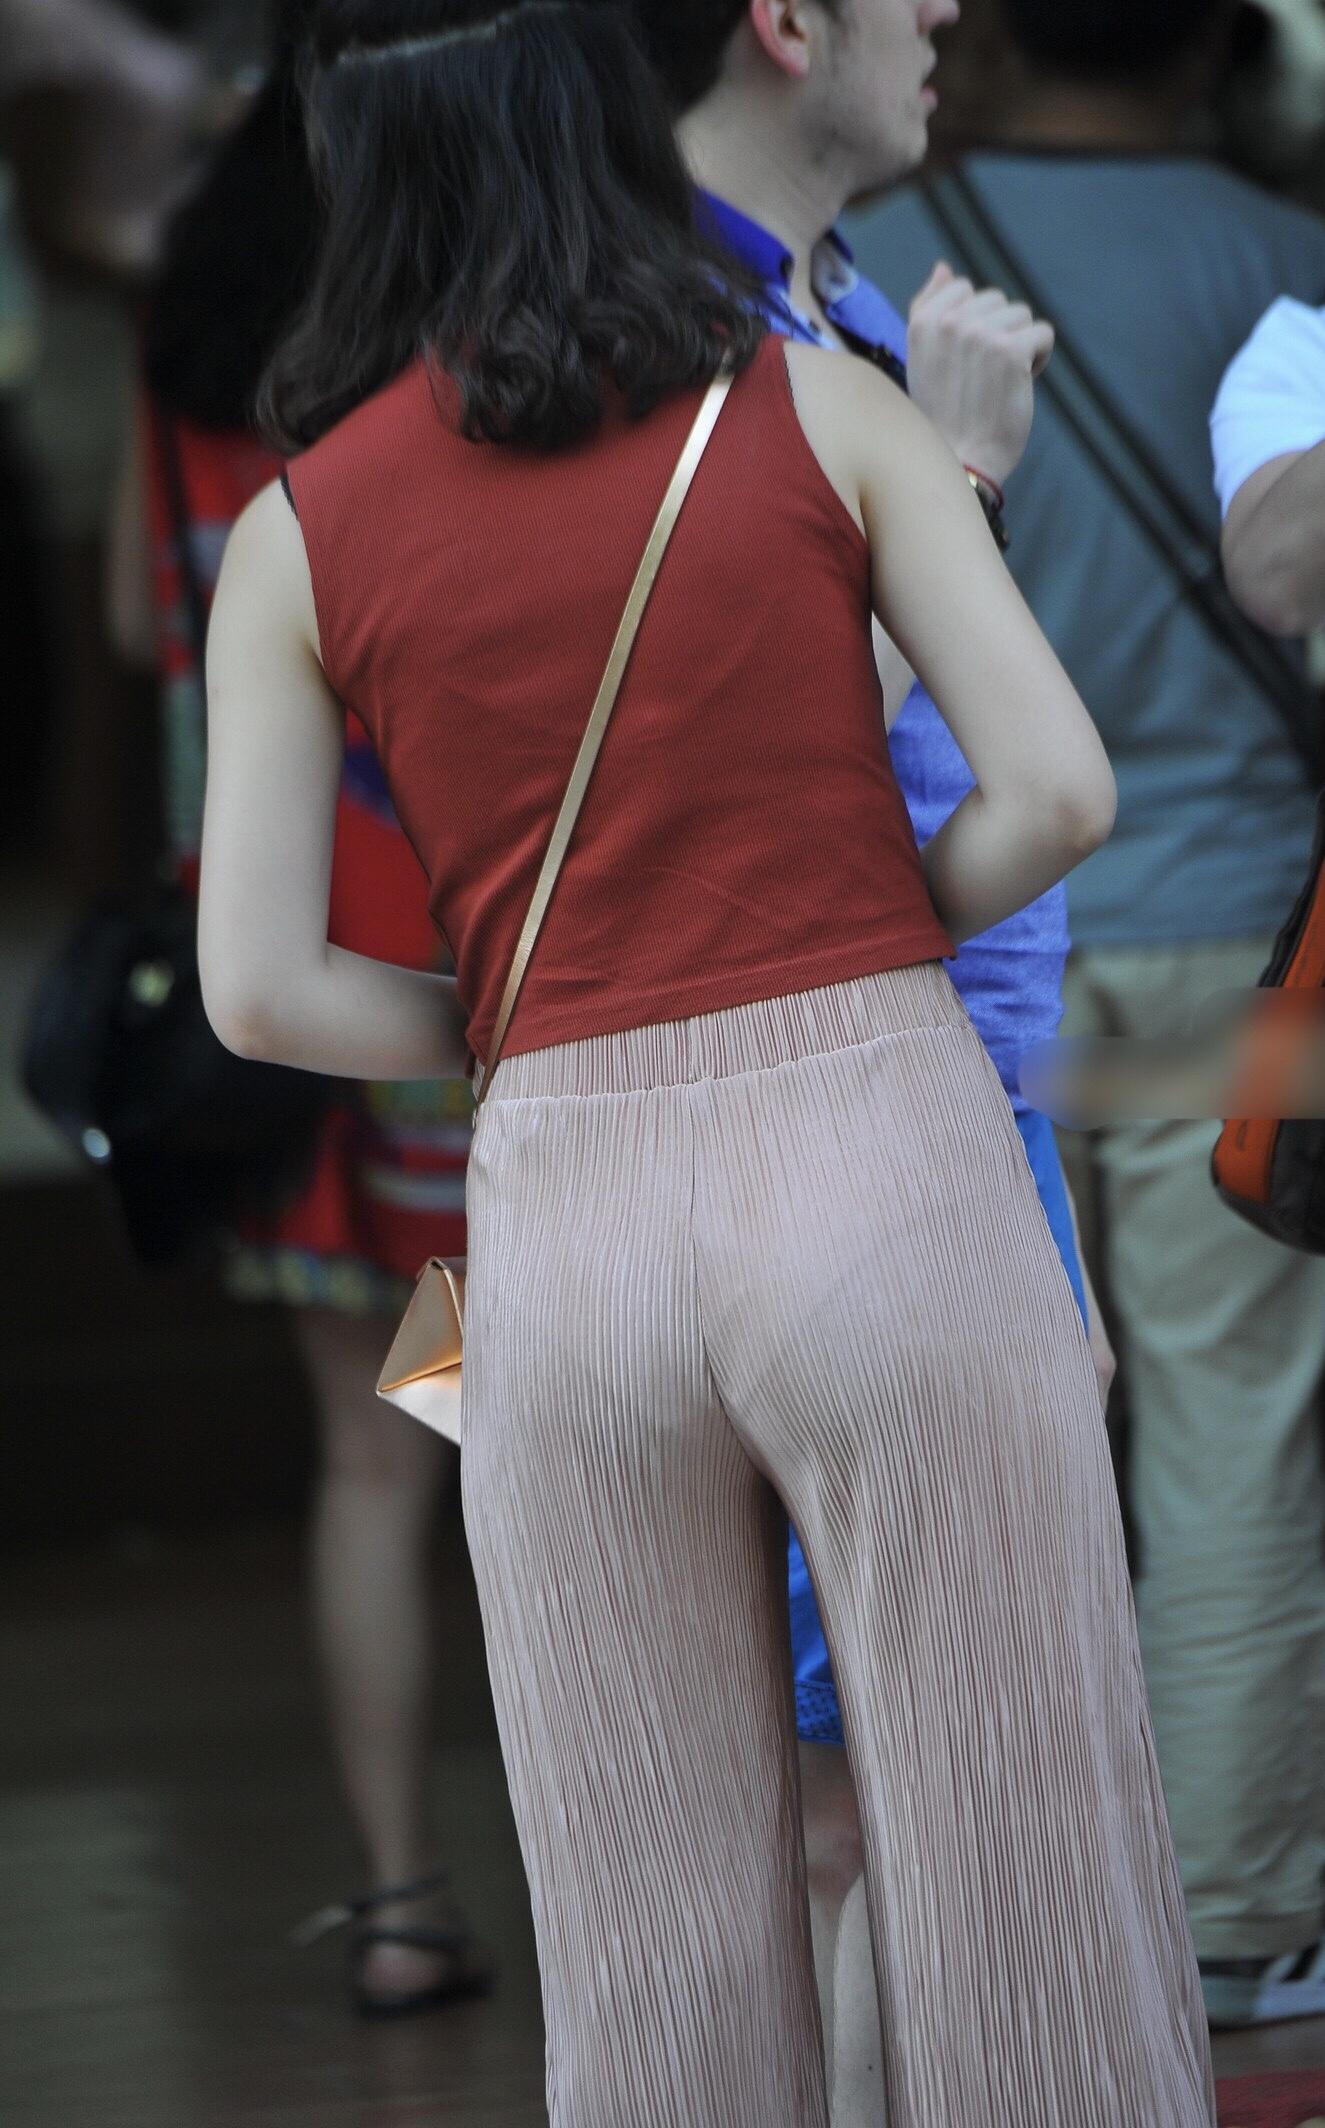 スケパン・スケブラ女子の街撮り素人エロ画像-064